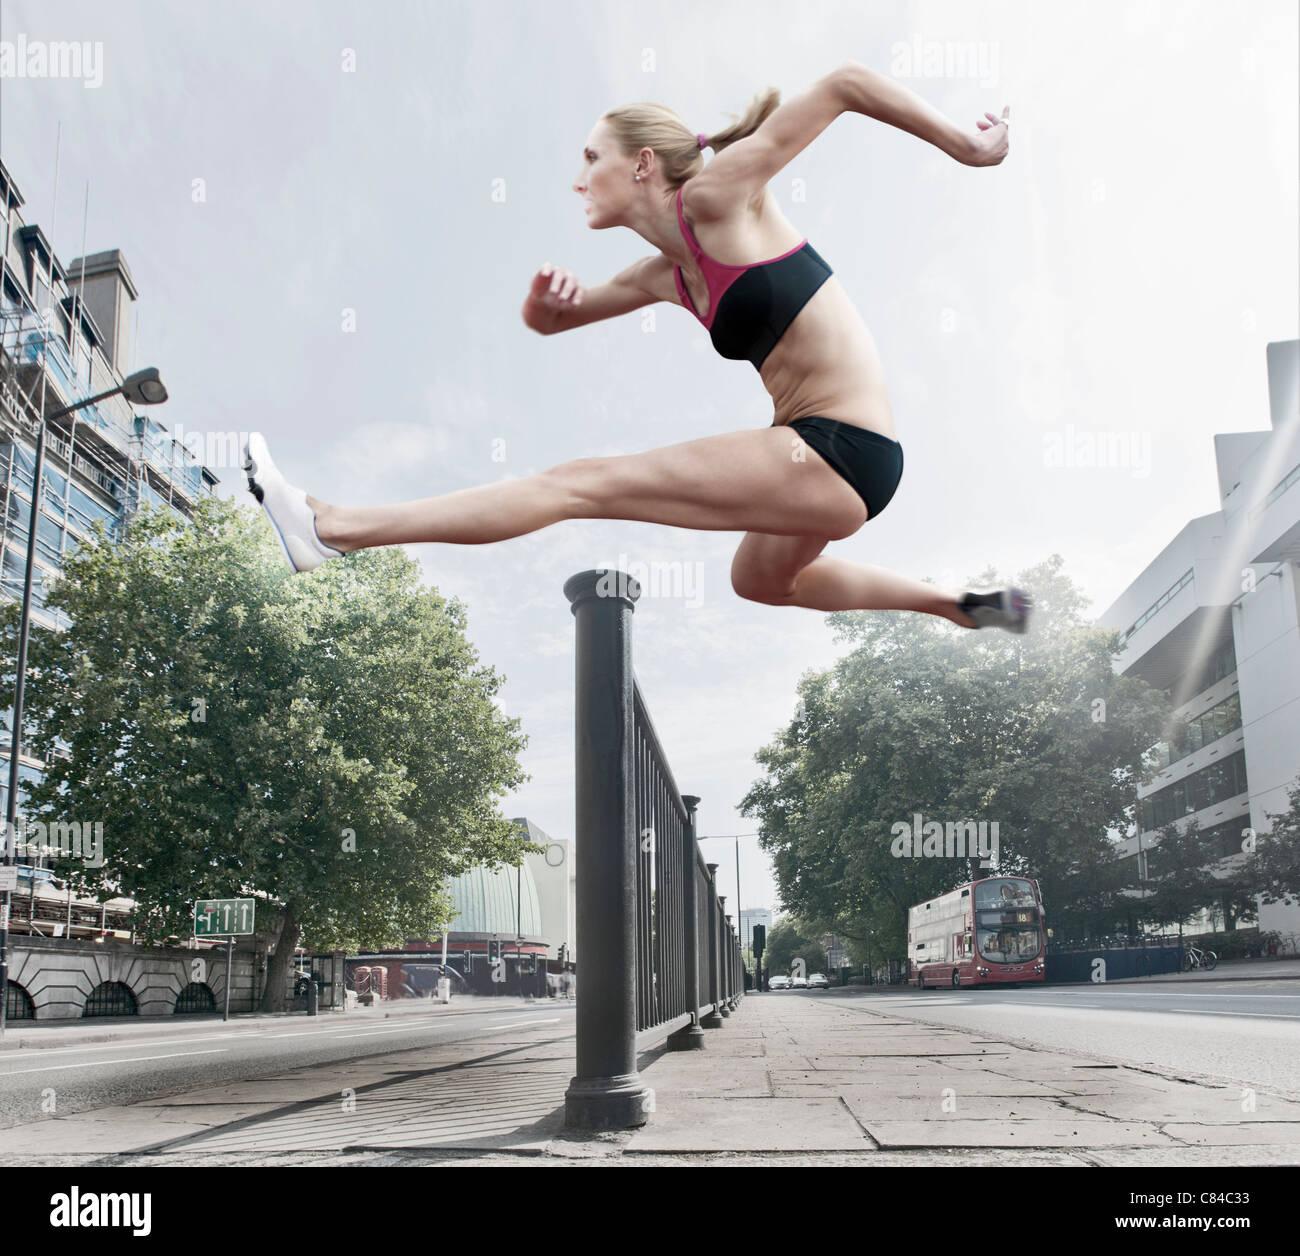 Atleta saltares sobre banister na rua Imagens de Stock